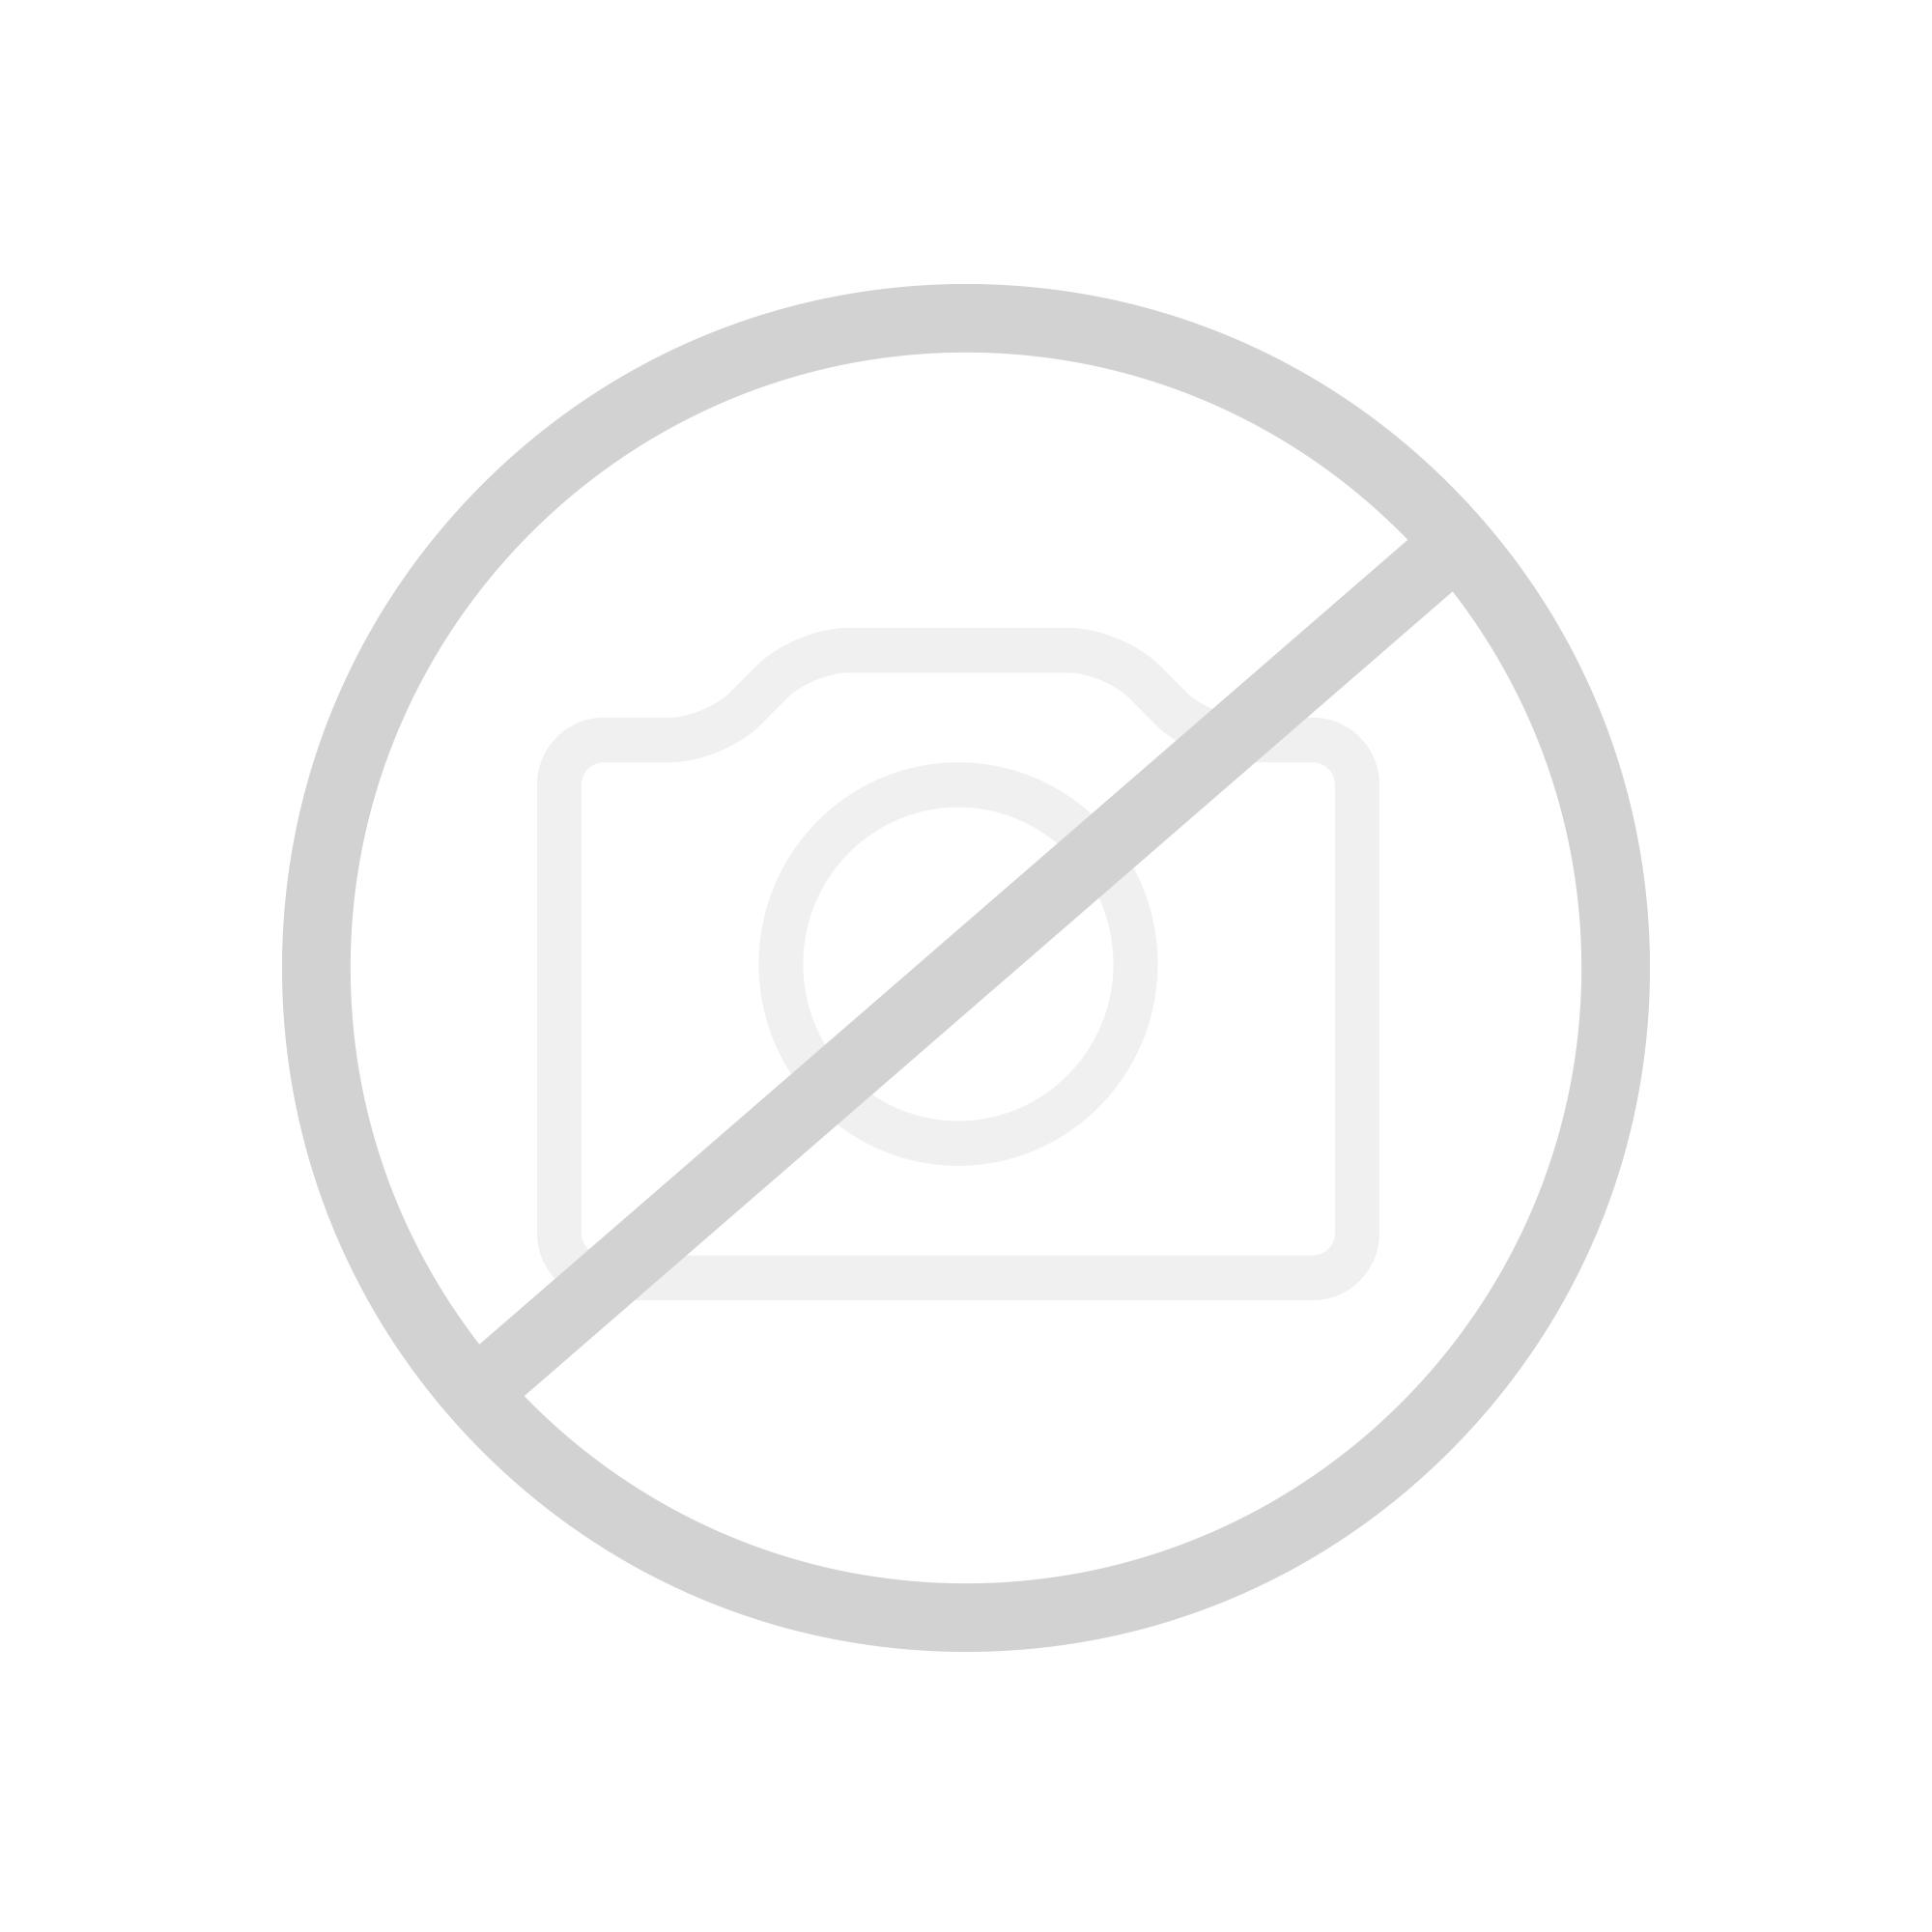 Steinberg Serie 100 Waschtisch-Einhebelmischbatterie zur Wandmontage, Ausladung 165 mm